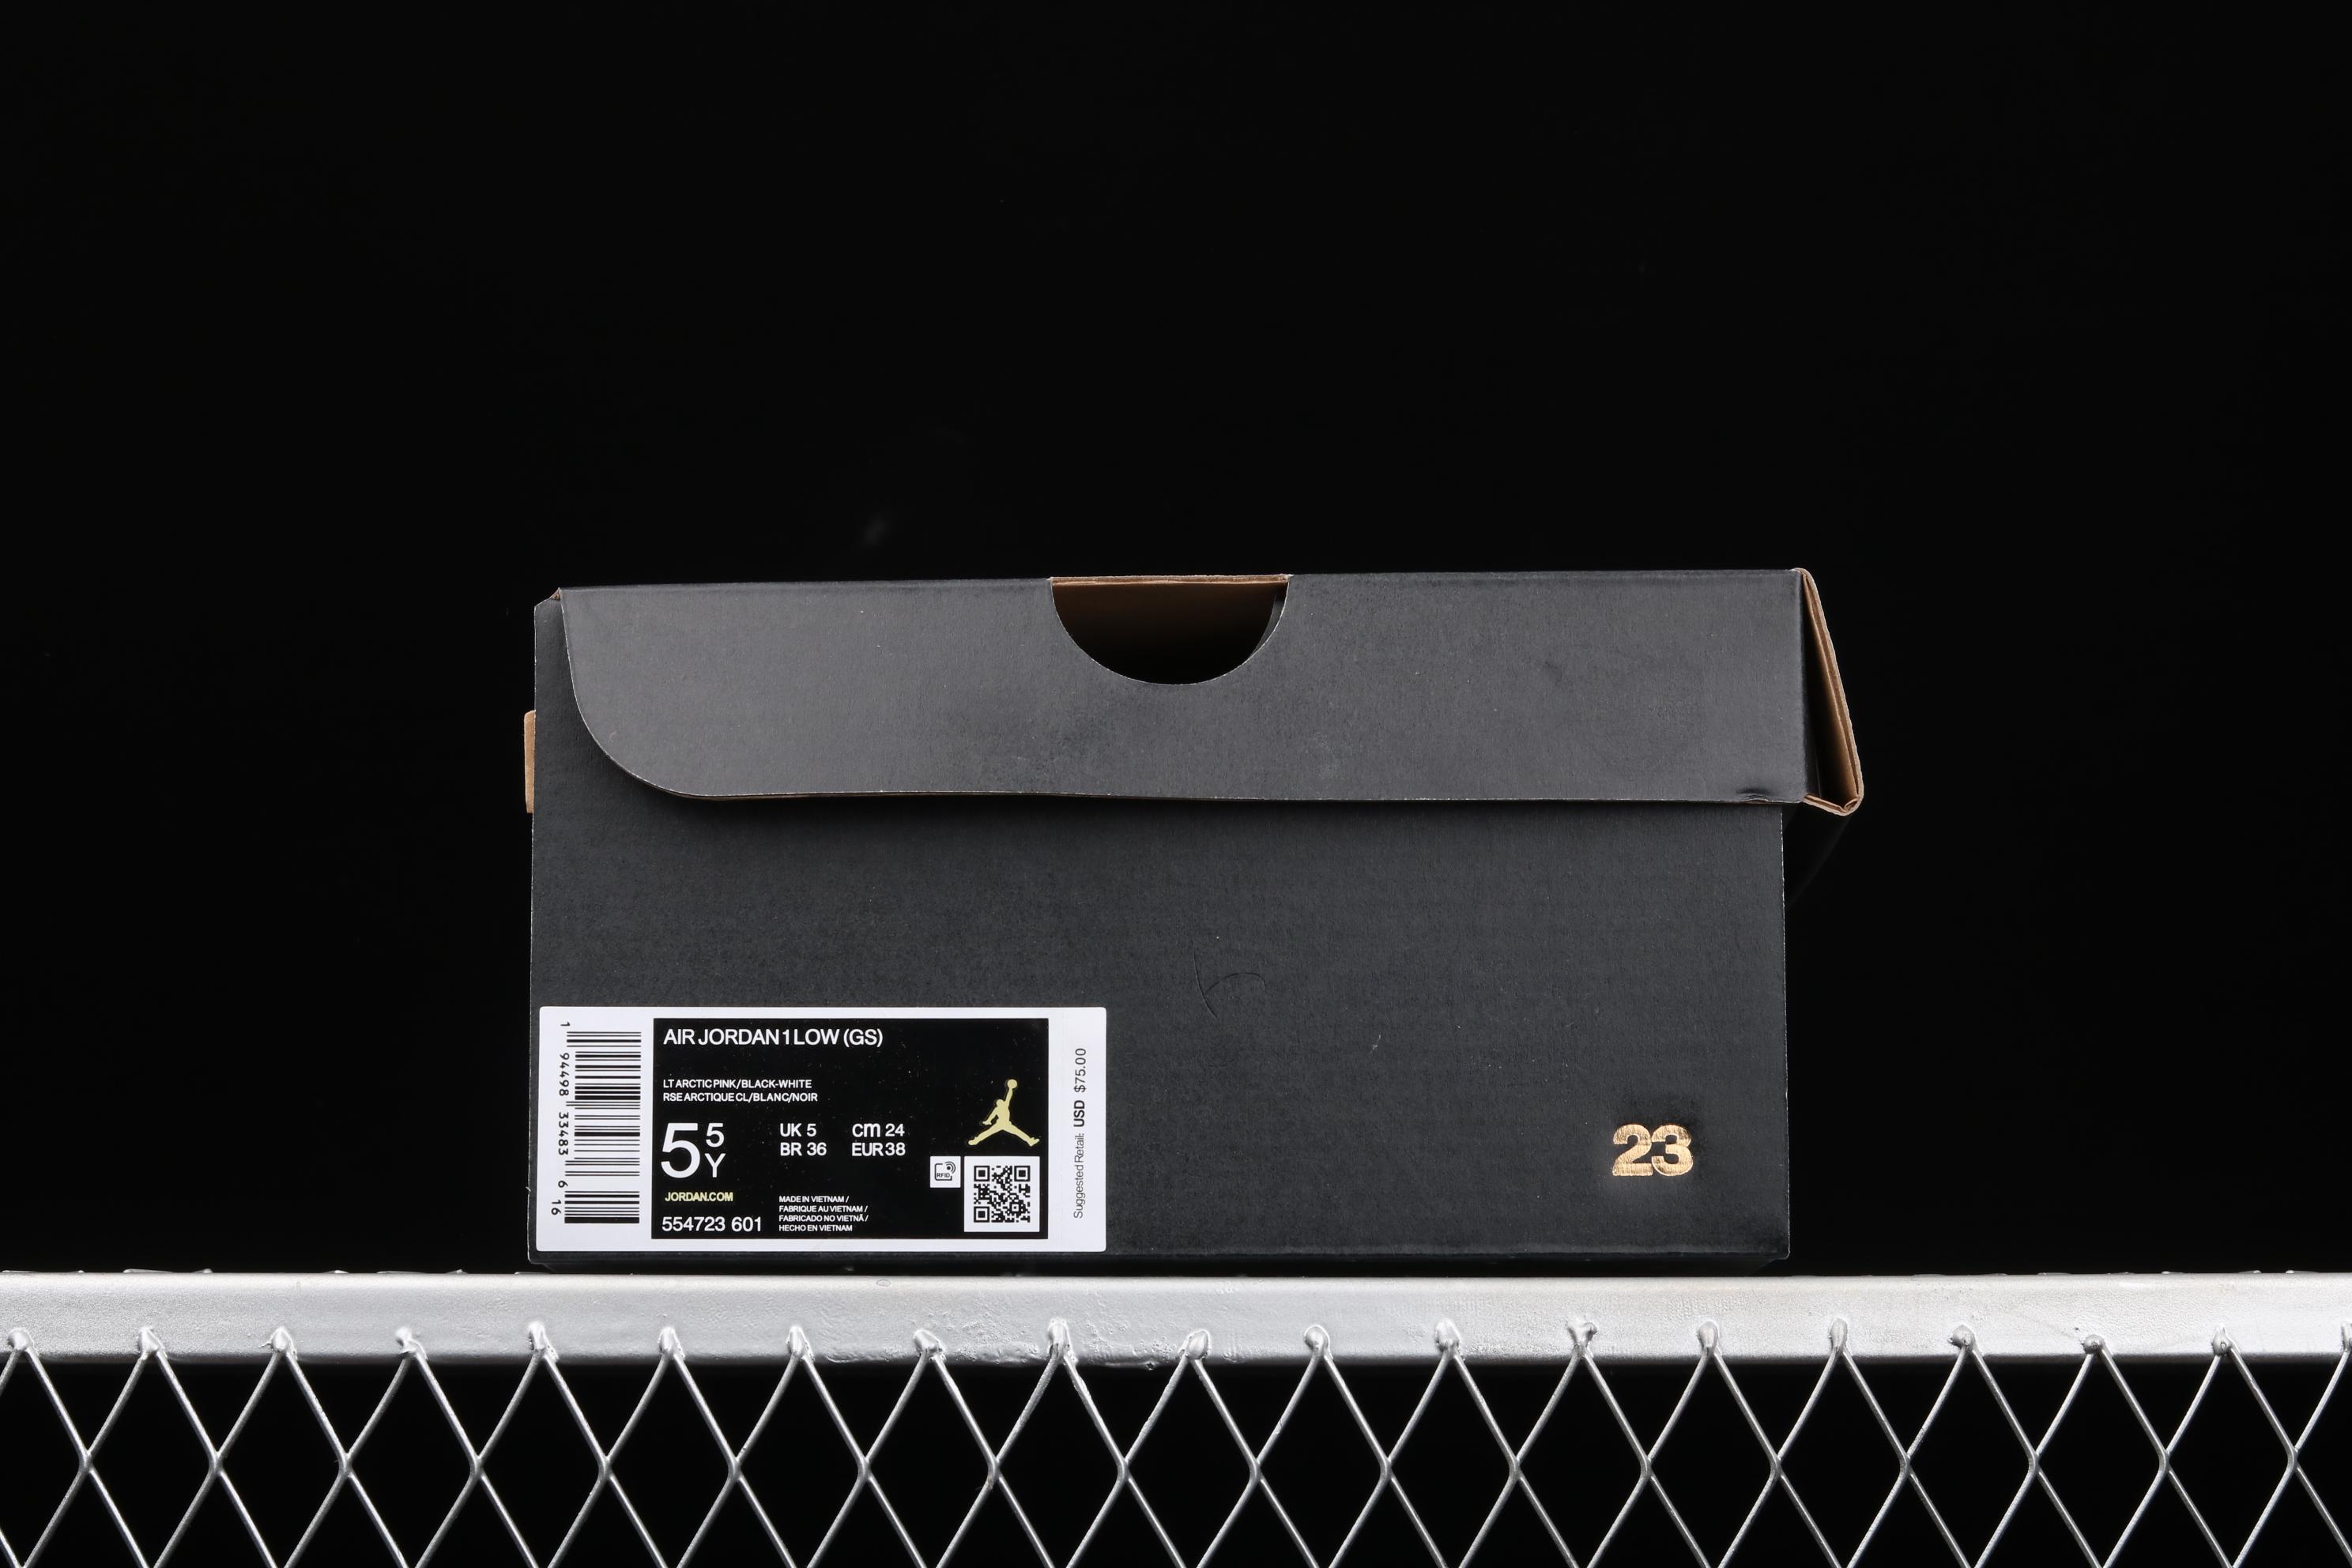 G版纯原 Air Jordan 1 Low AJ1 乔1低帮黑粉 554723-601